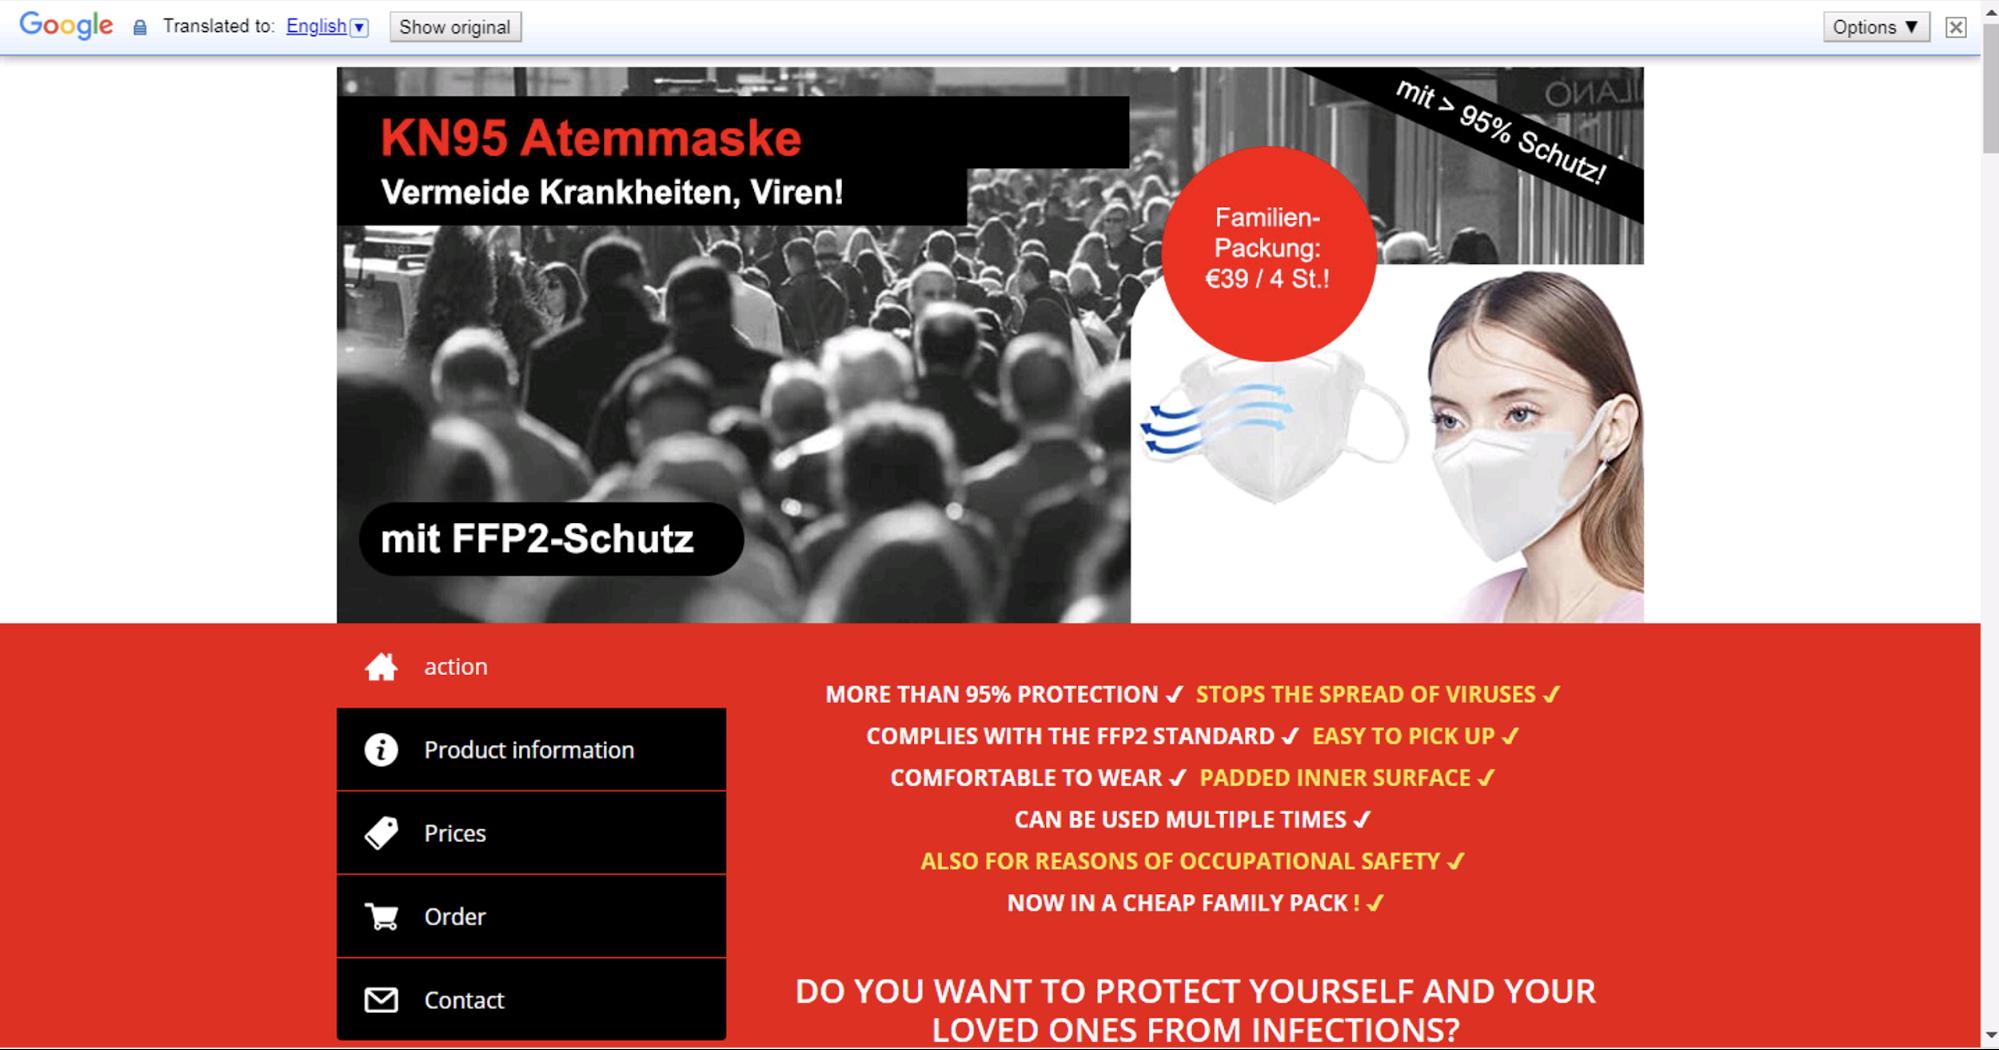 これは、ドイツ語から英語に翻訳された詐欺Webサイトの例です。このWebサイトではPPEを提供しているとされています。